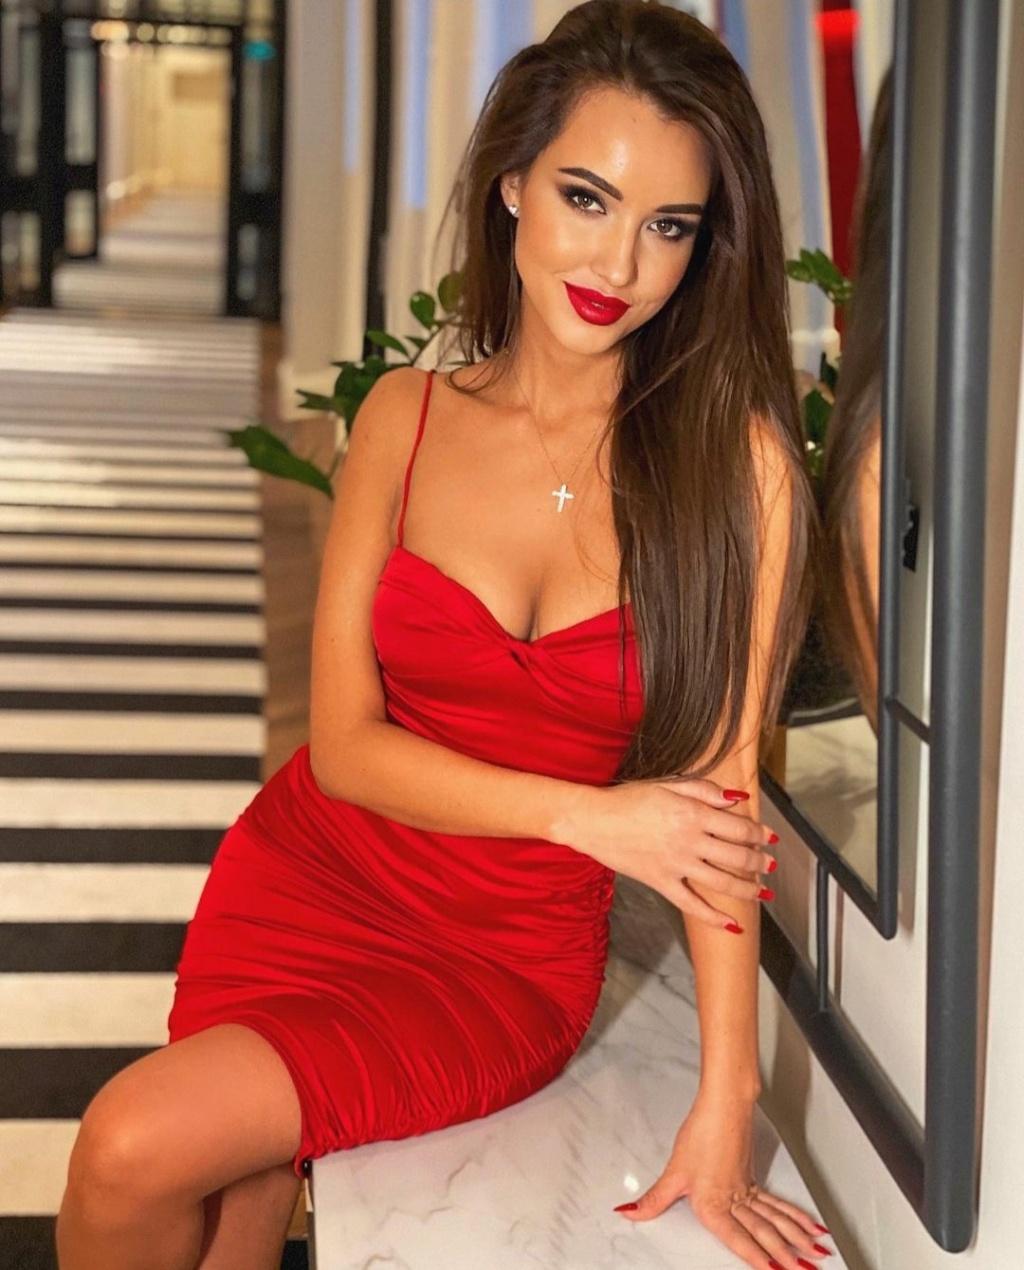 DEBATE sobre belleza, guapura y hermosura (fotos de chicas latinas, mestizas, y de todo) - VOL II - Página 6 Img_1197